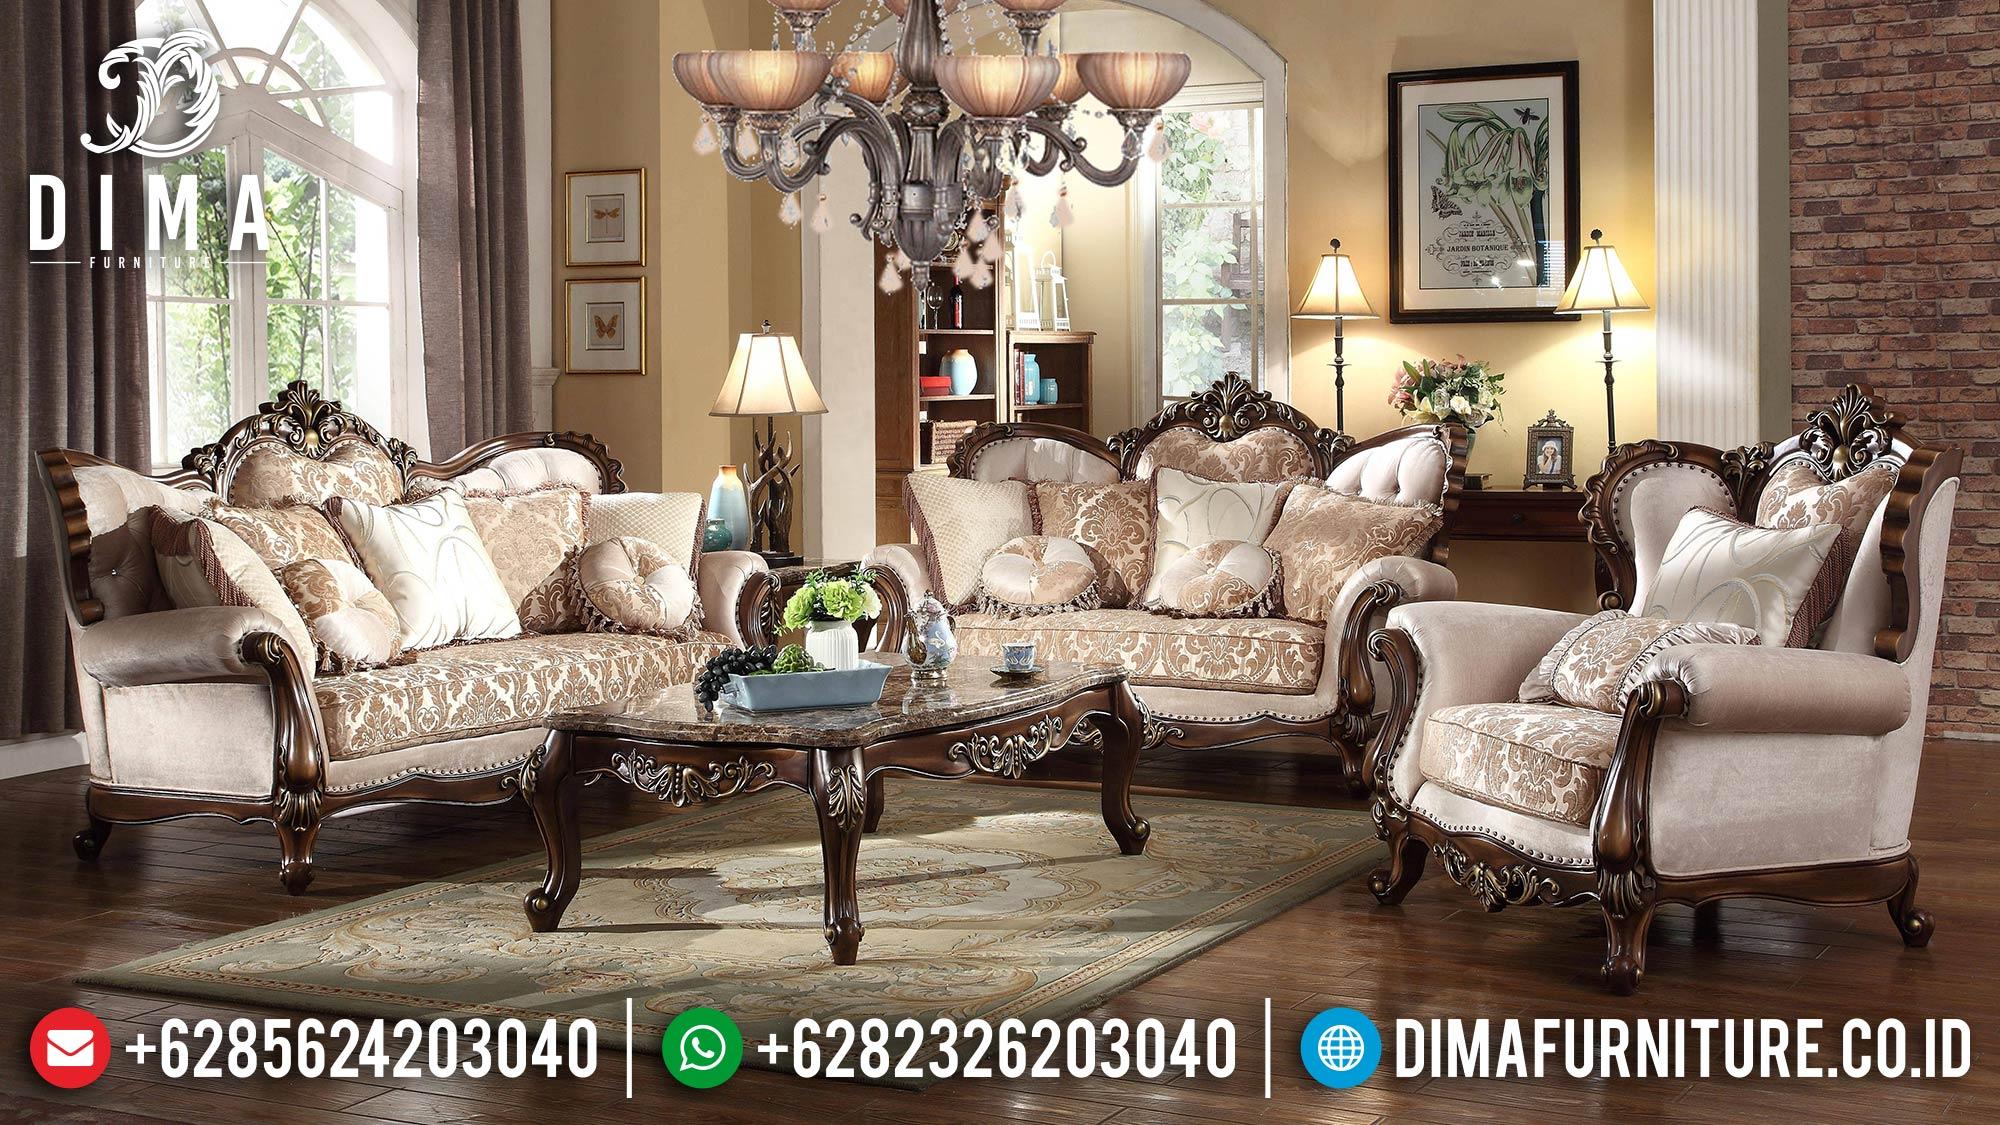 New Sofa Tamu Mewah Jati Klasik Luxury Natural Salak Brown Mebel Jepara ST-1313